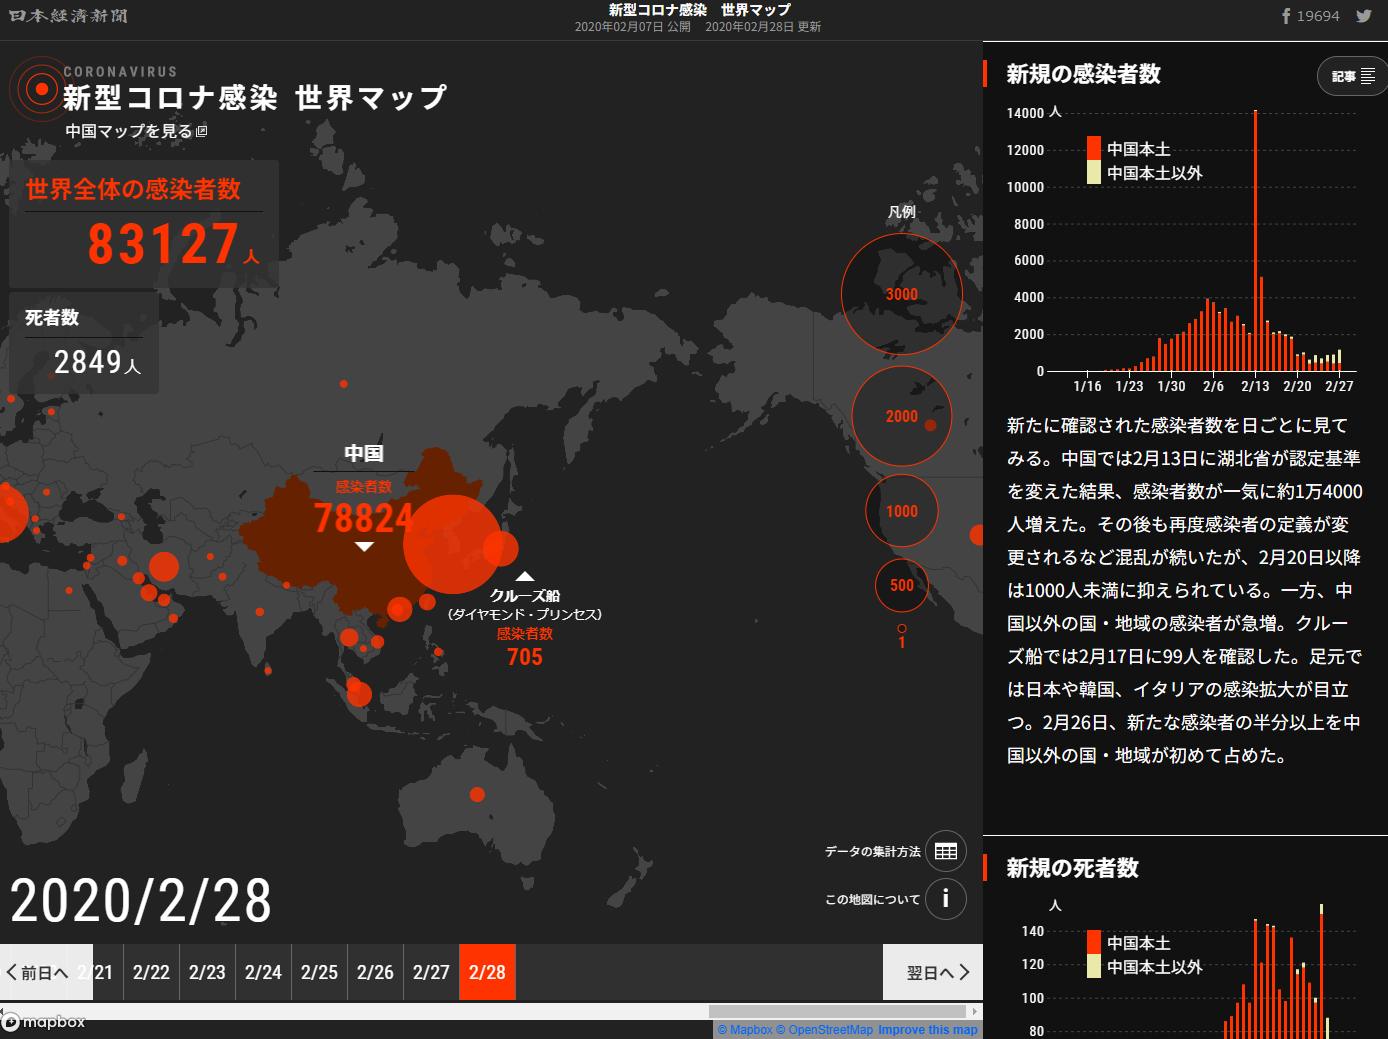 世界 マップ コロナ